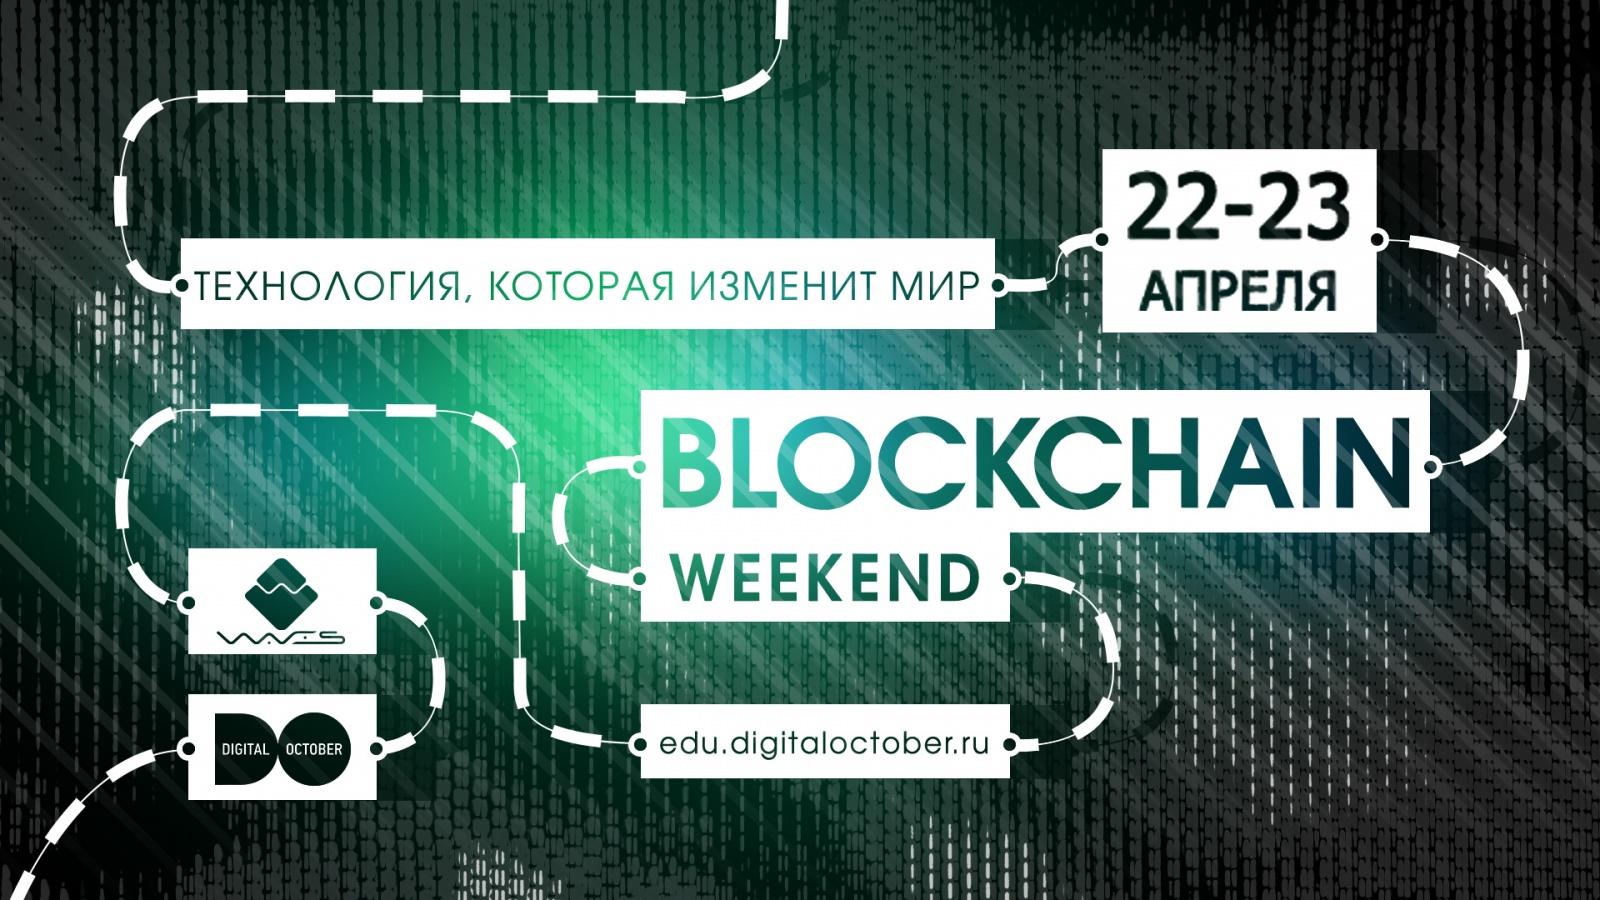 Возможности блокчейна для бизнеса и практические кейсы внедрения: с 22 по 23 апреля пройдет Blockchain Weekend - 1